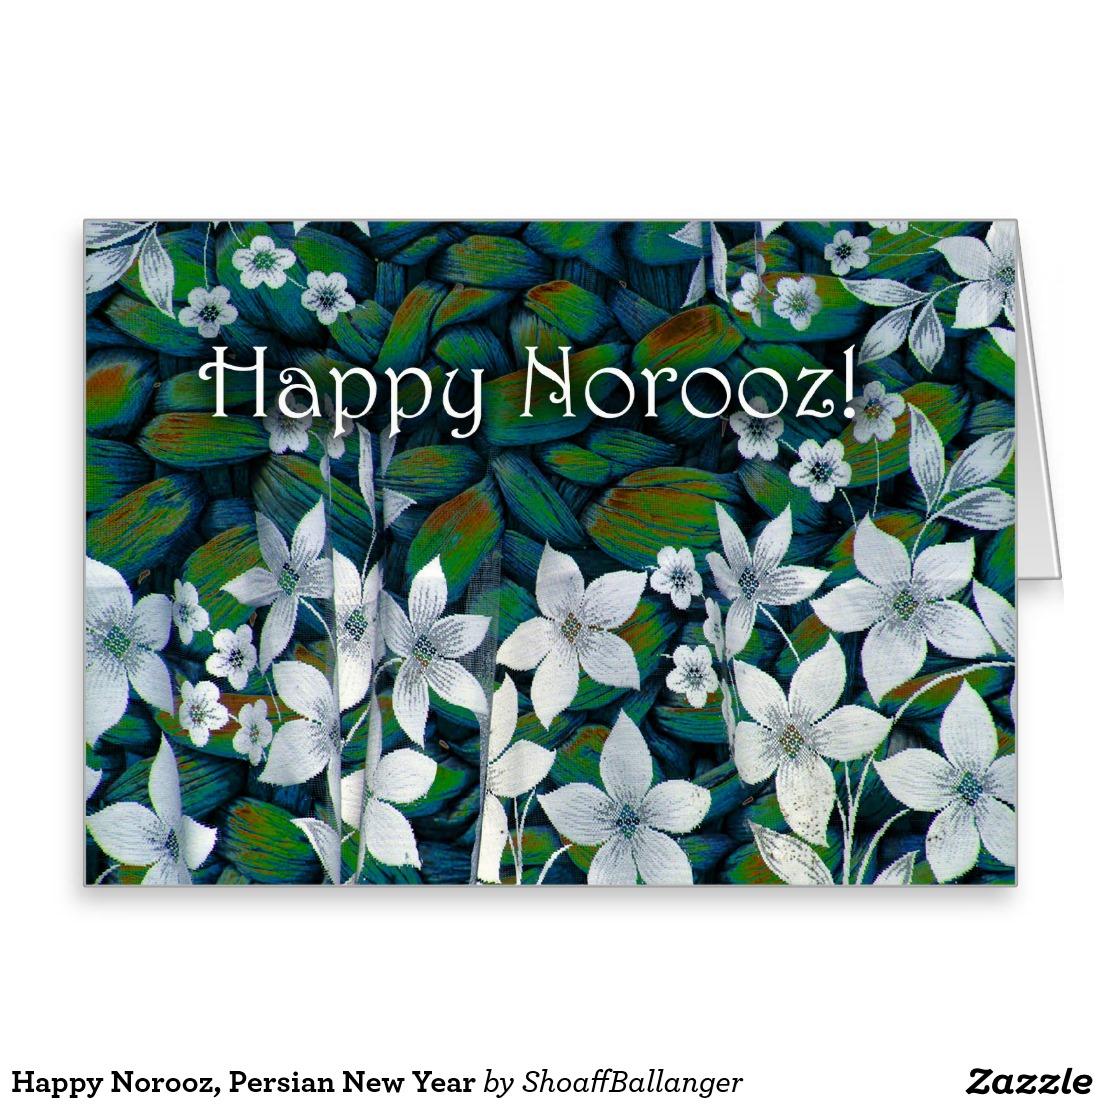 norooz_feliz_ano_nuevo_persa_tarjeta_de_felicitacion-r1f183bee62d94a3ab5005eda866c610a_xvuak_8byvr_1024